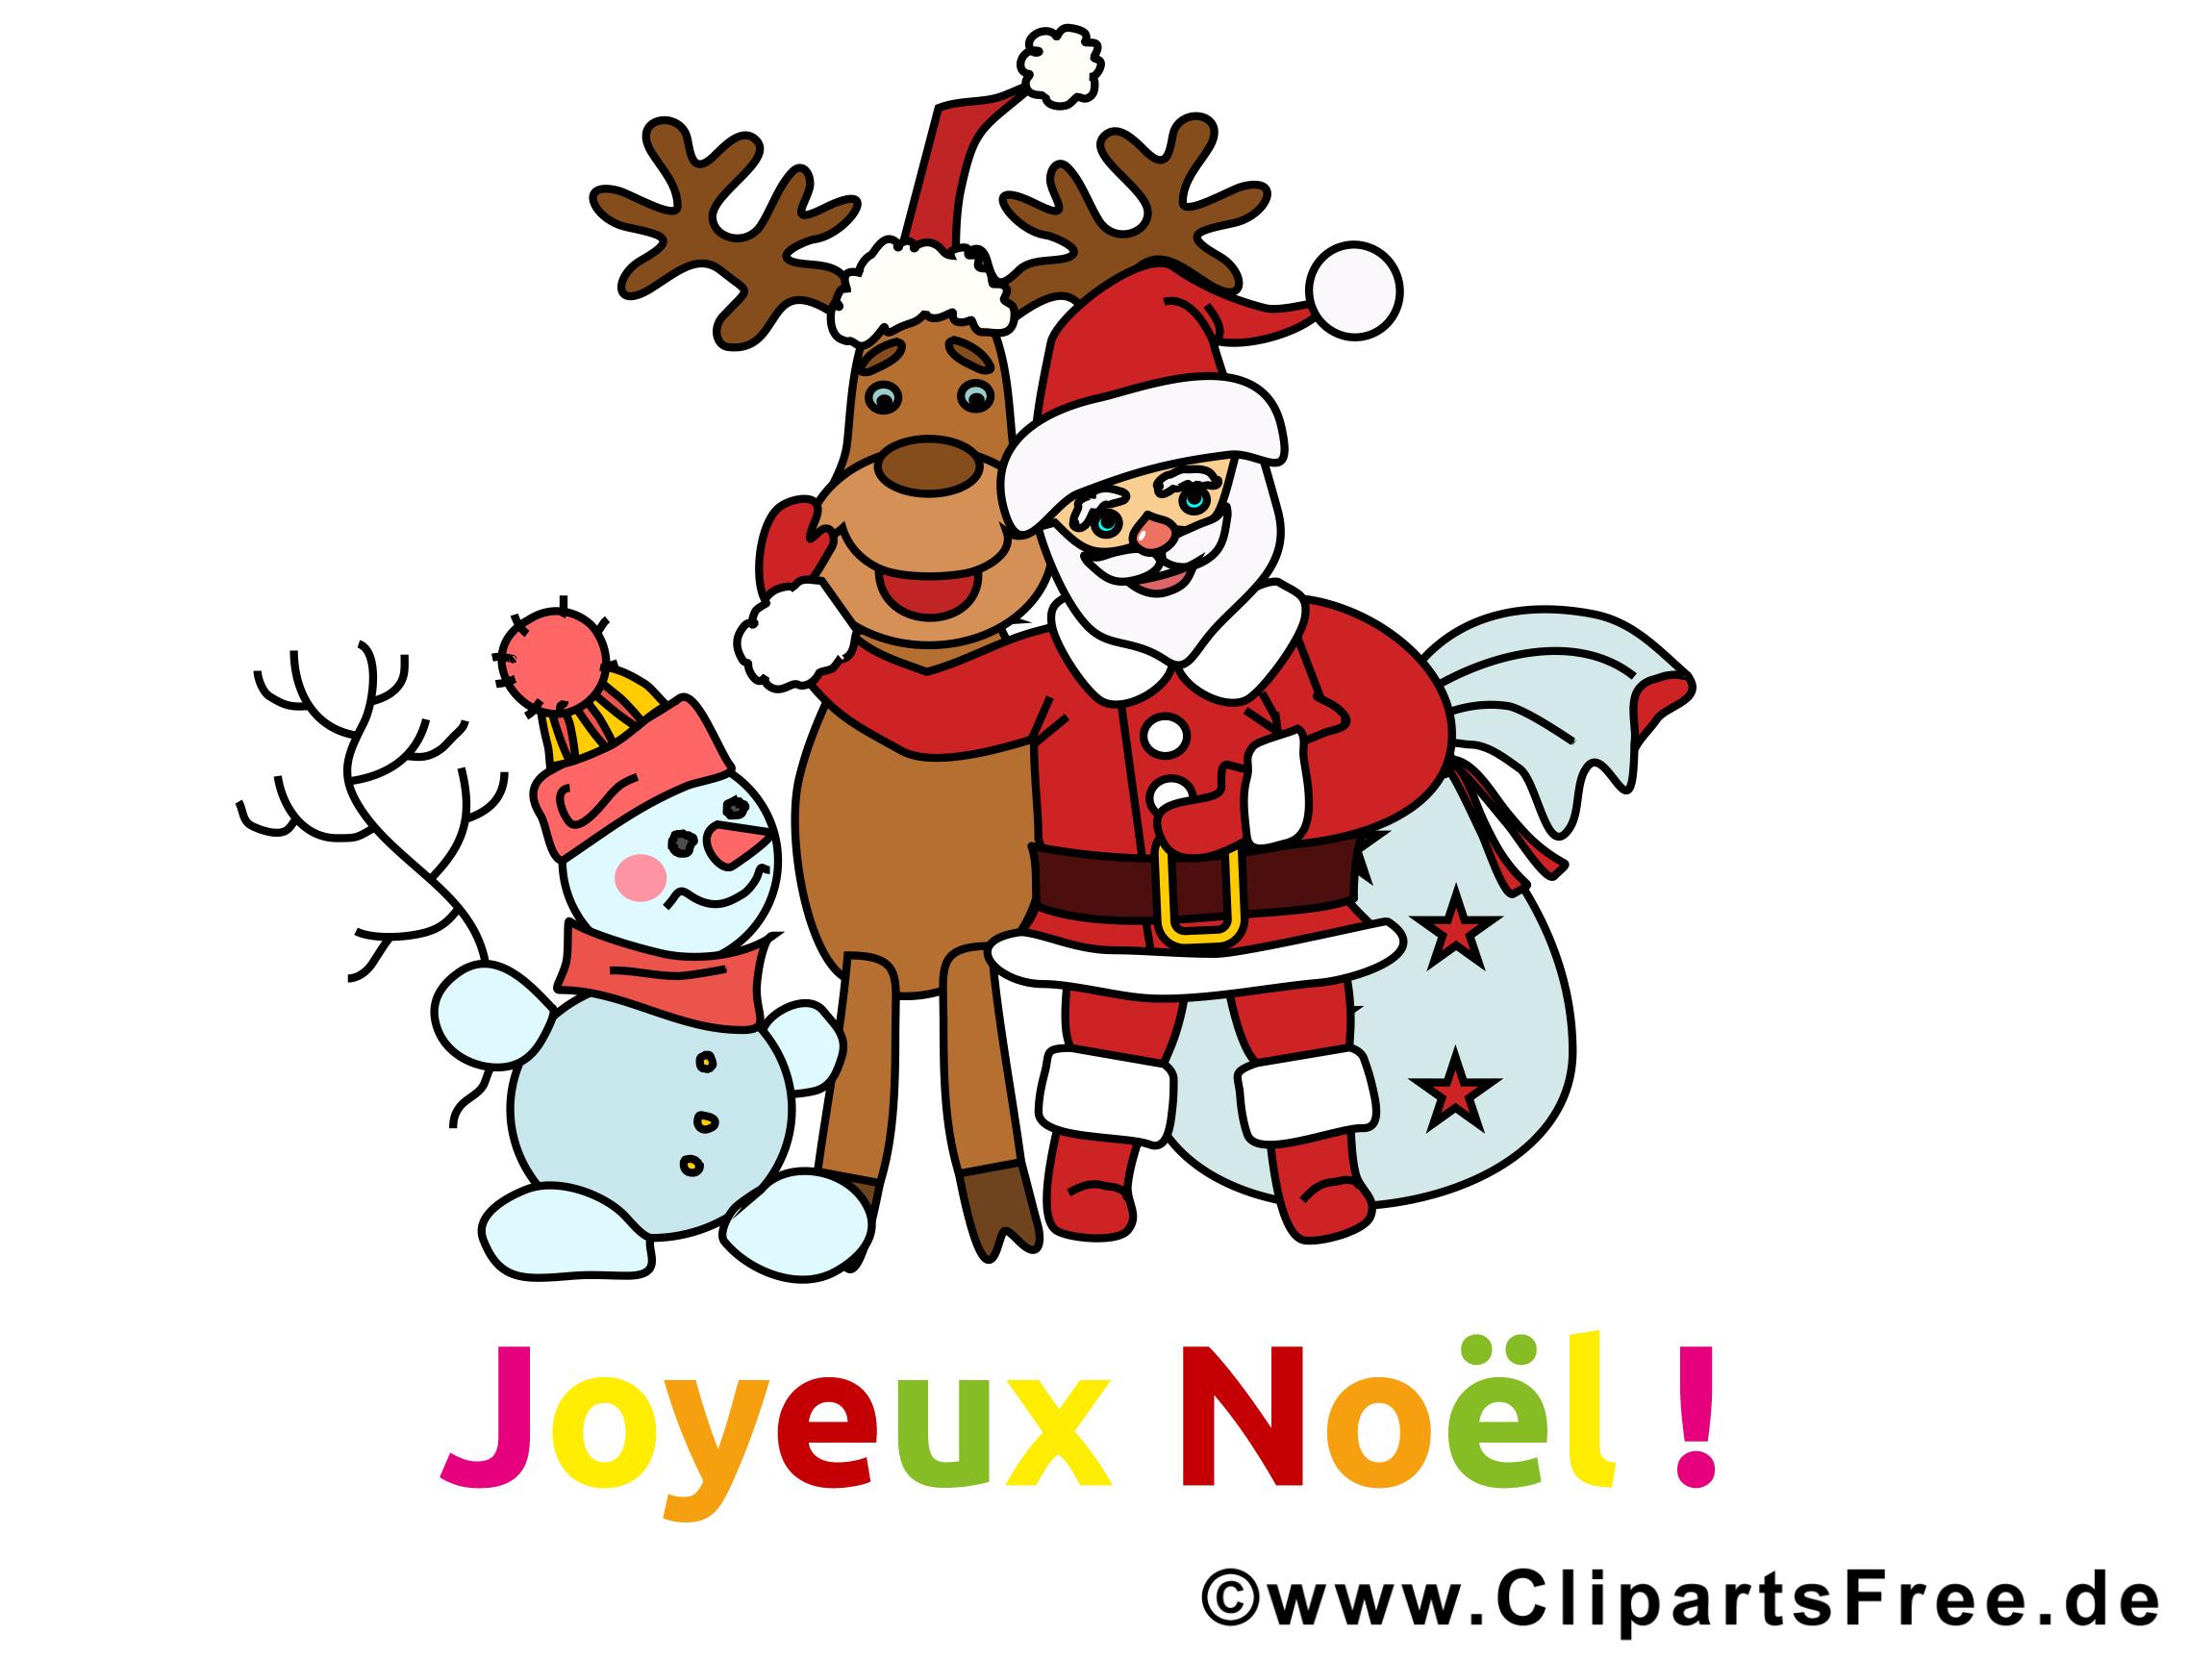 Image de noel a telecharger - Cartes de Noël dessin ...